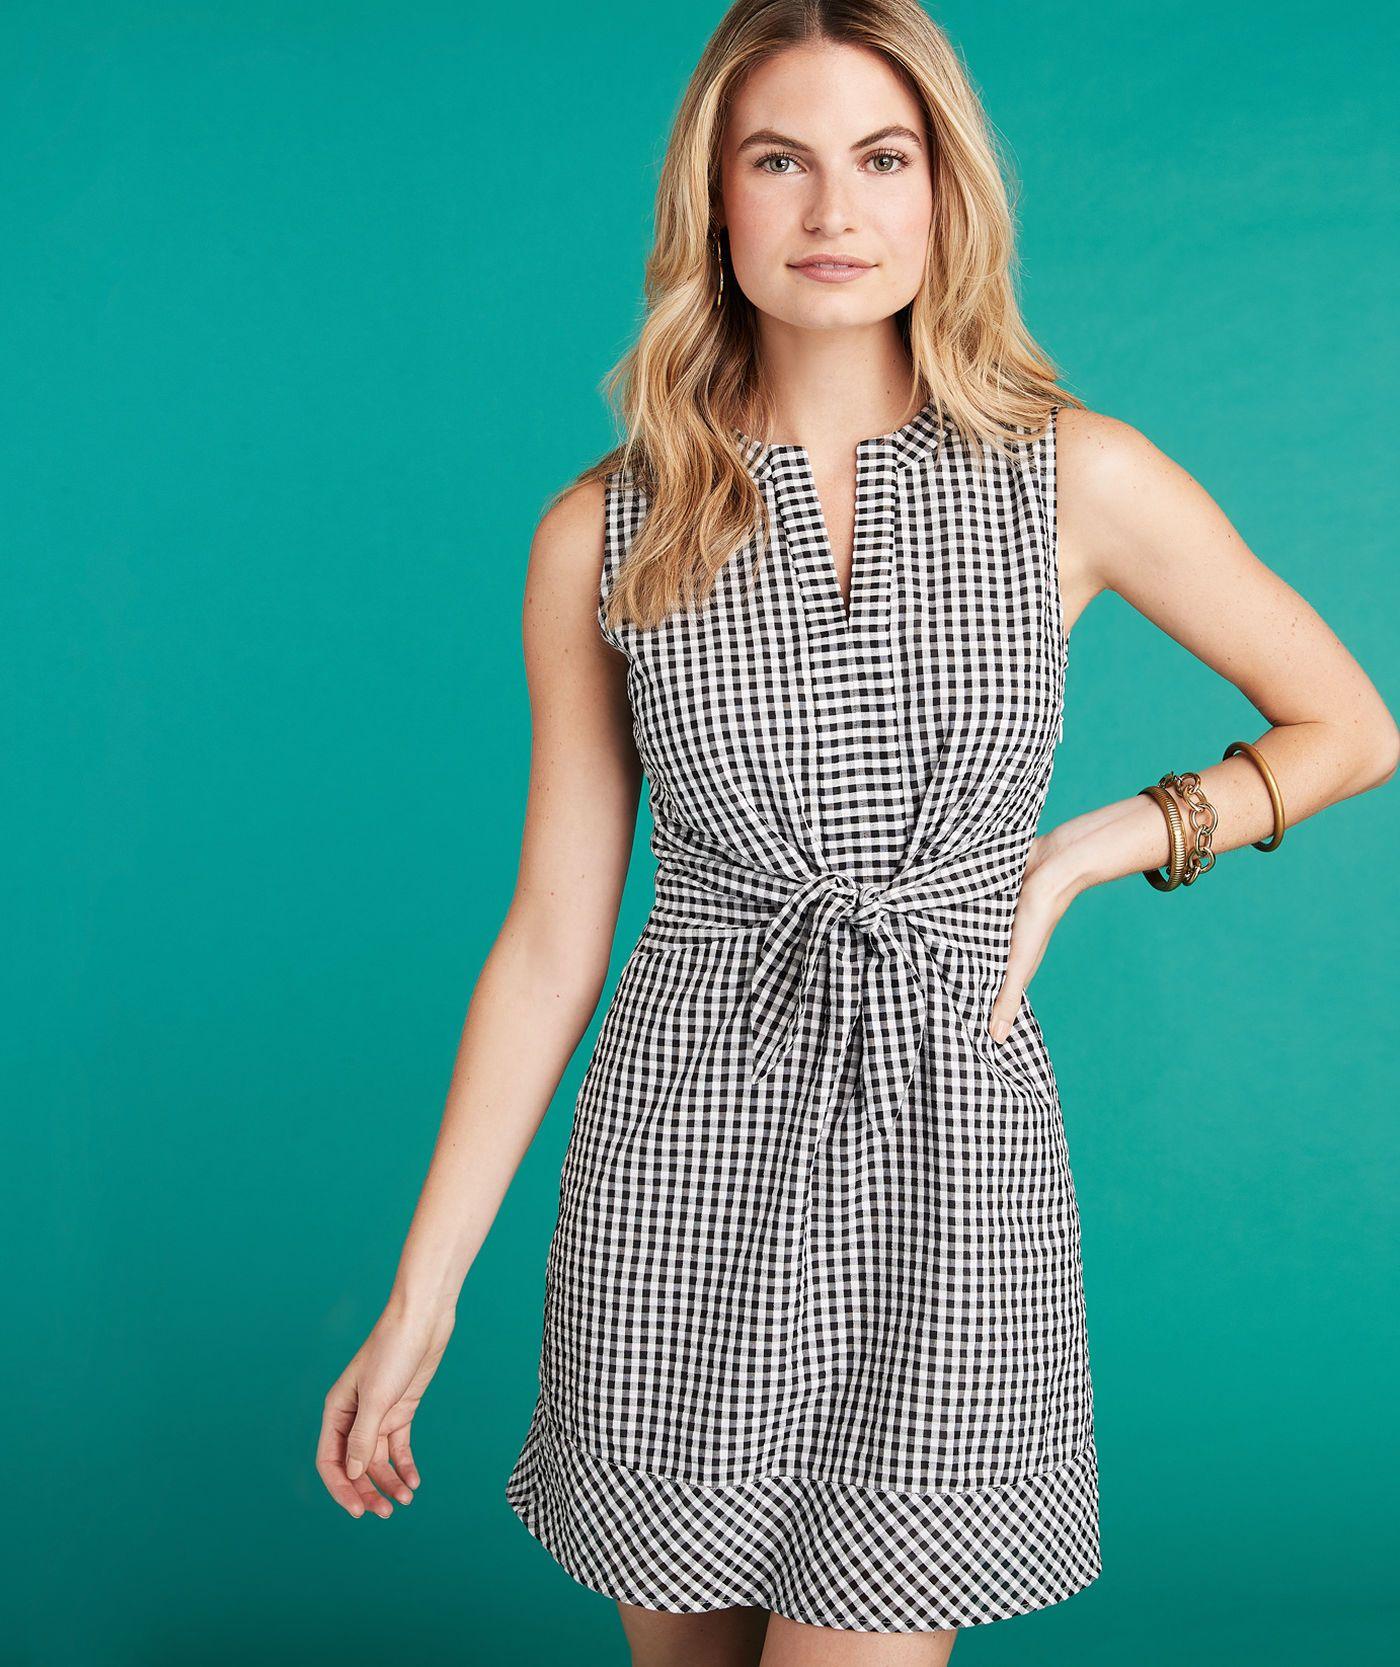 d5fe9da387 Shop Gingham Seersucker Tie Front Dress at vineyard vines | 1 in ...